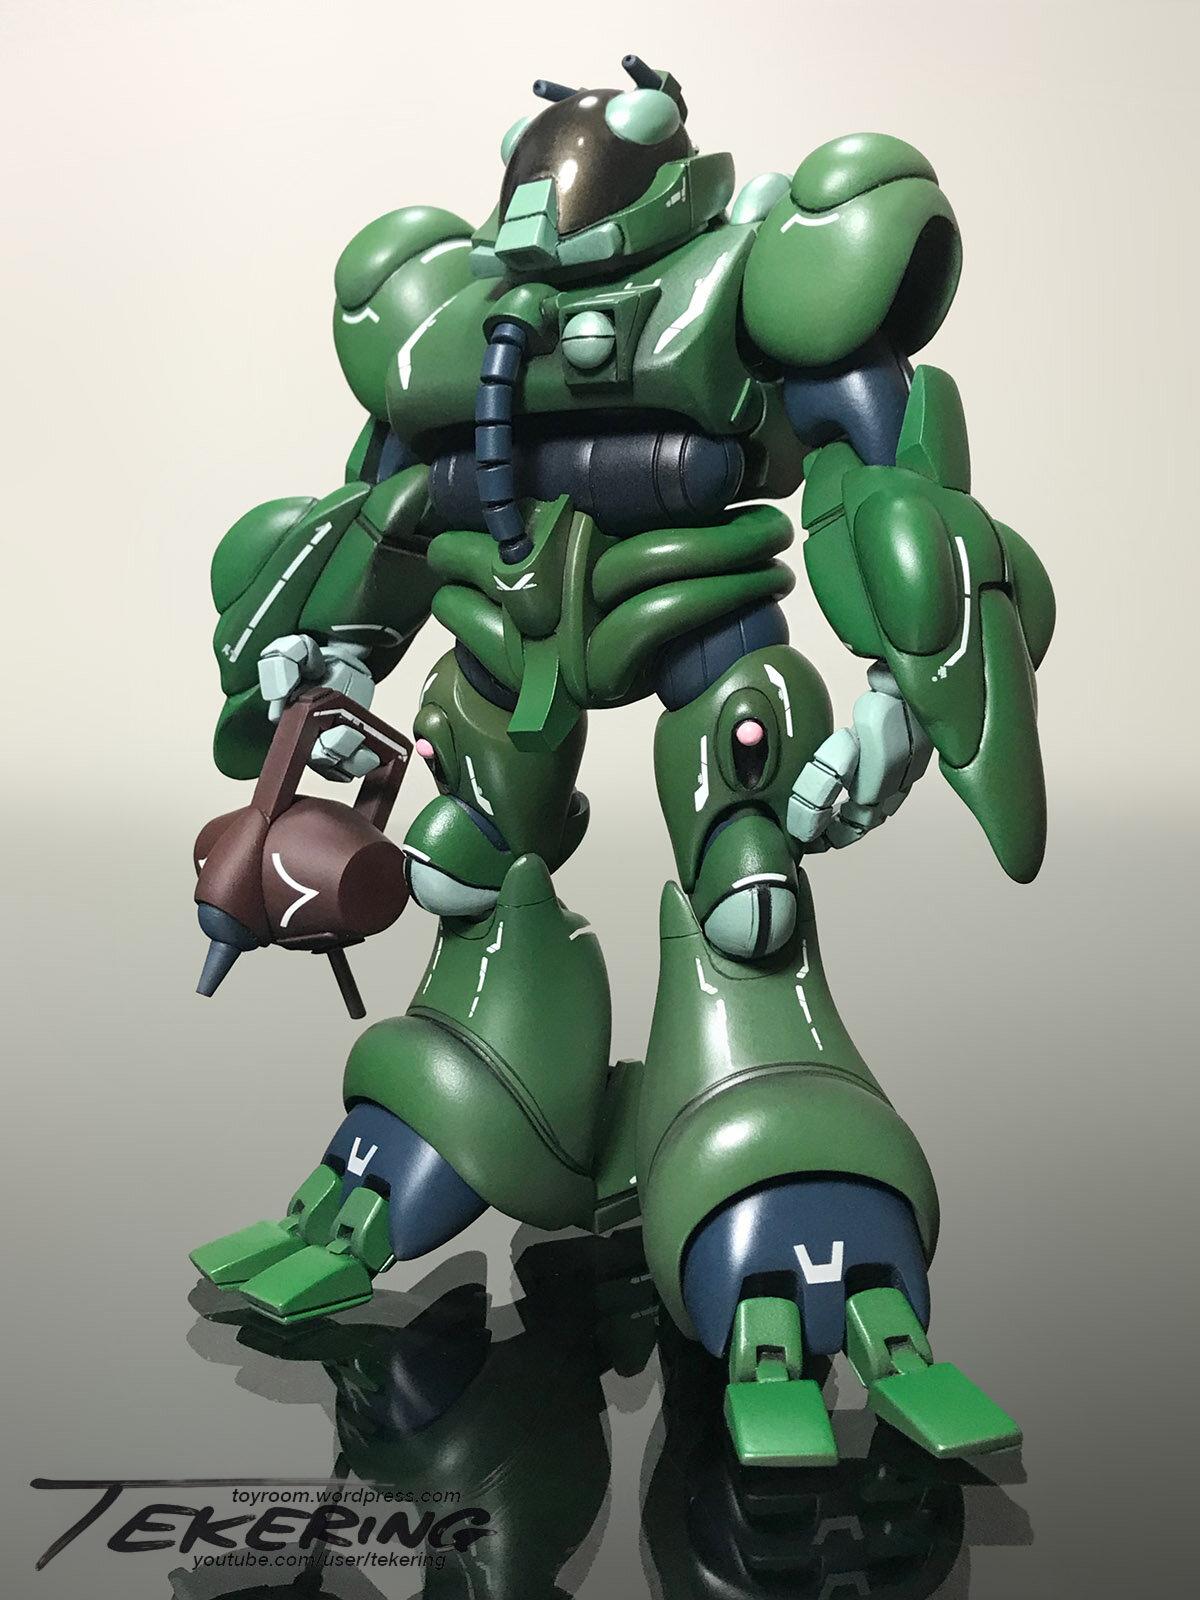 Bioroid-Subcommander-Green-TBr-I-Mk.II-Tsiendral-Executor-1.jpg.484520121eb47cfea64413b07ee23341.jpg